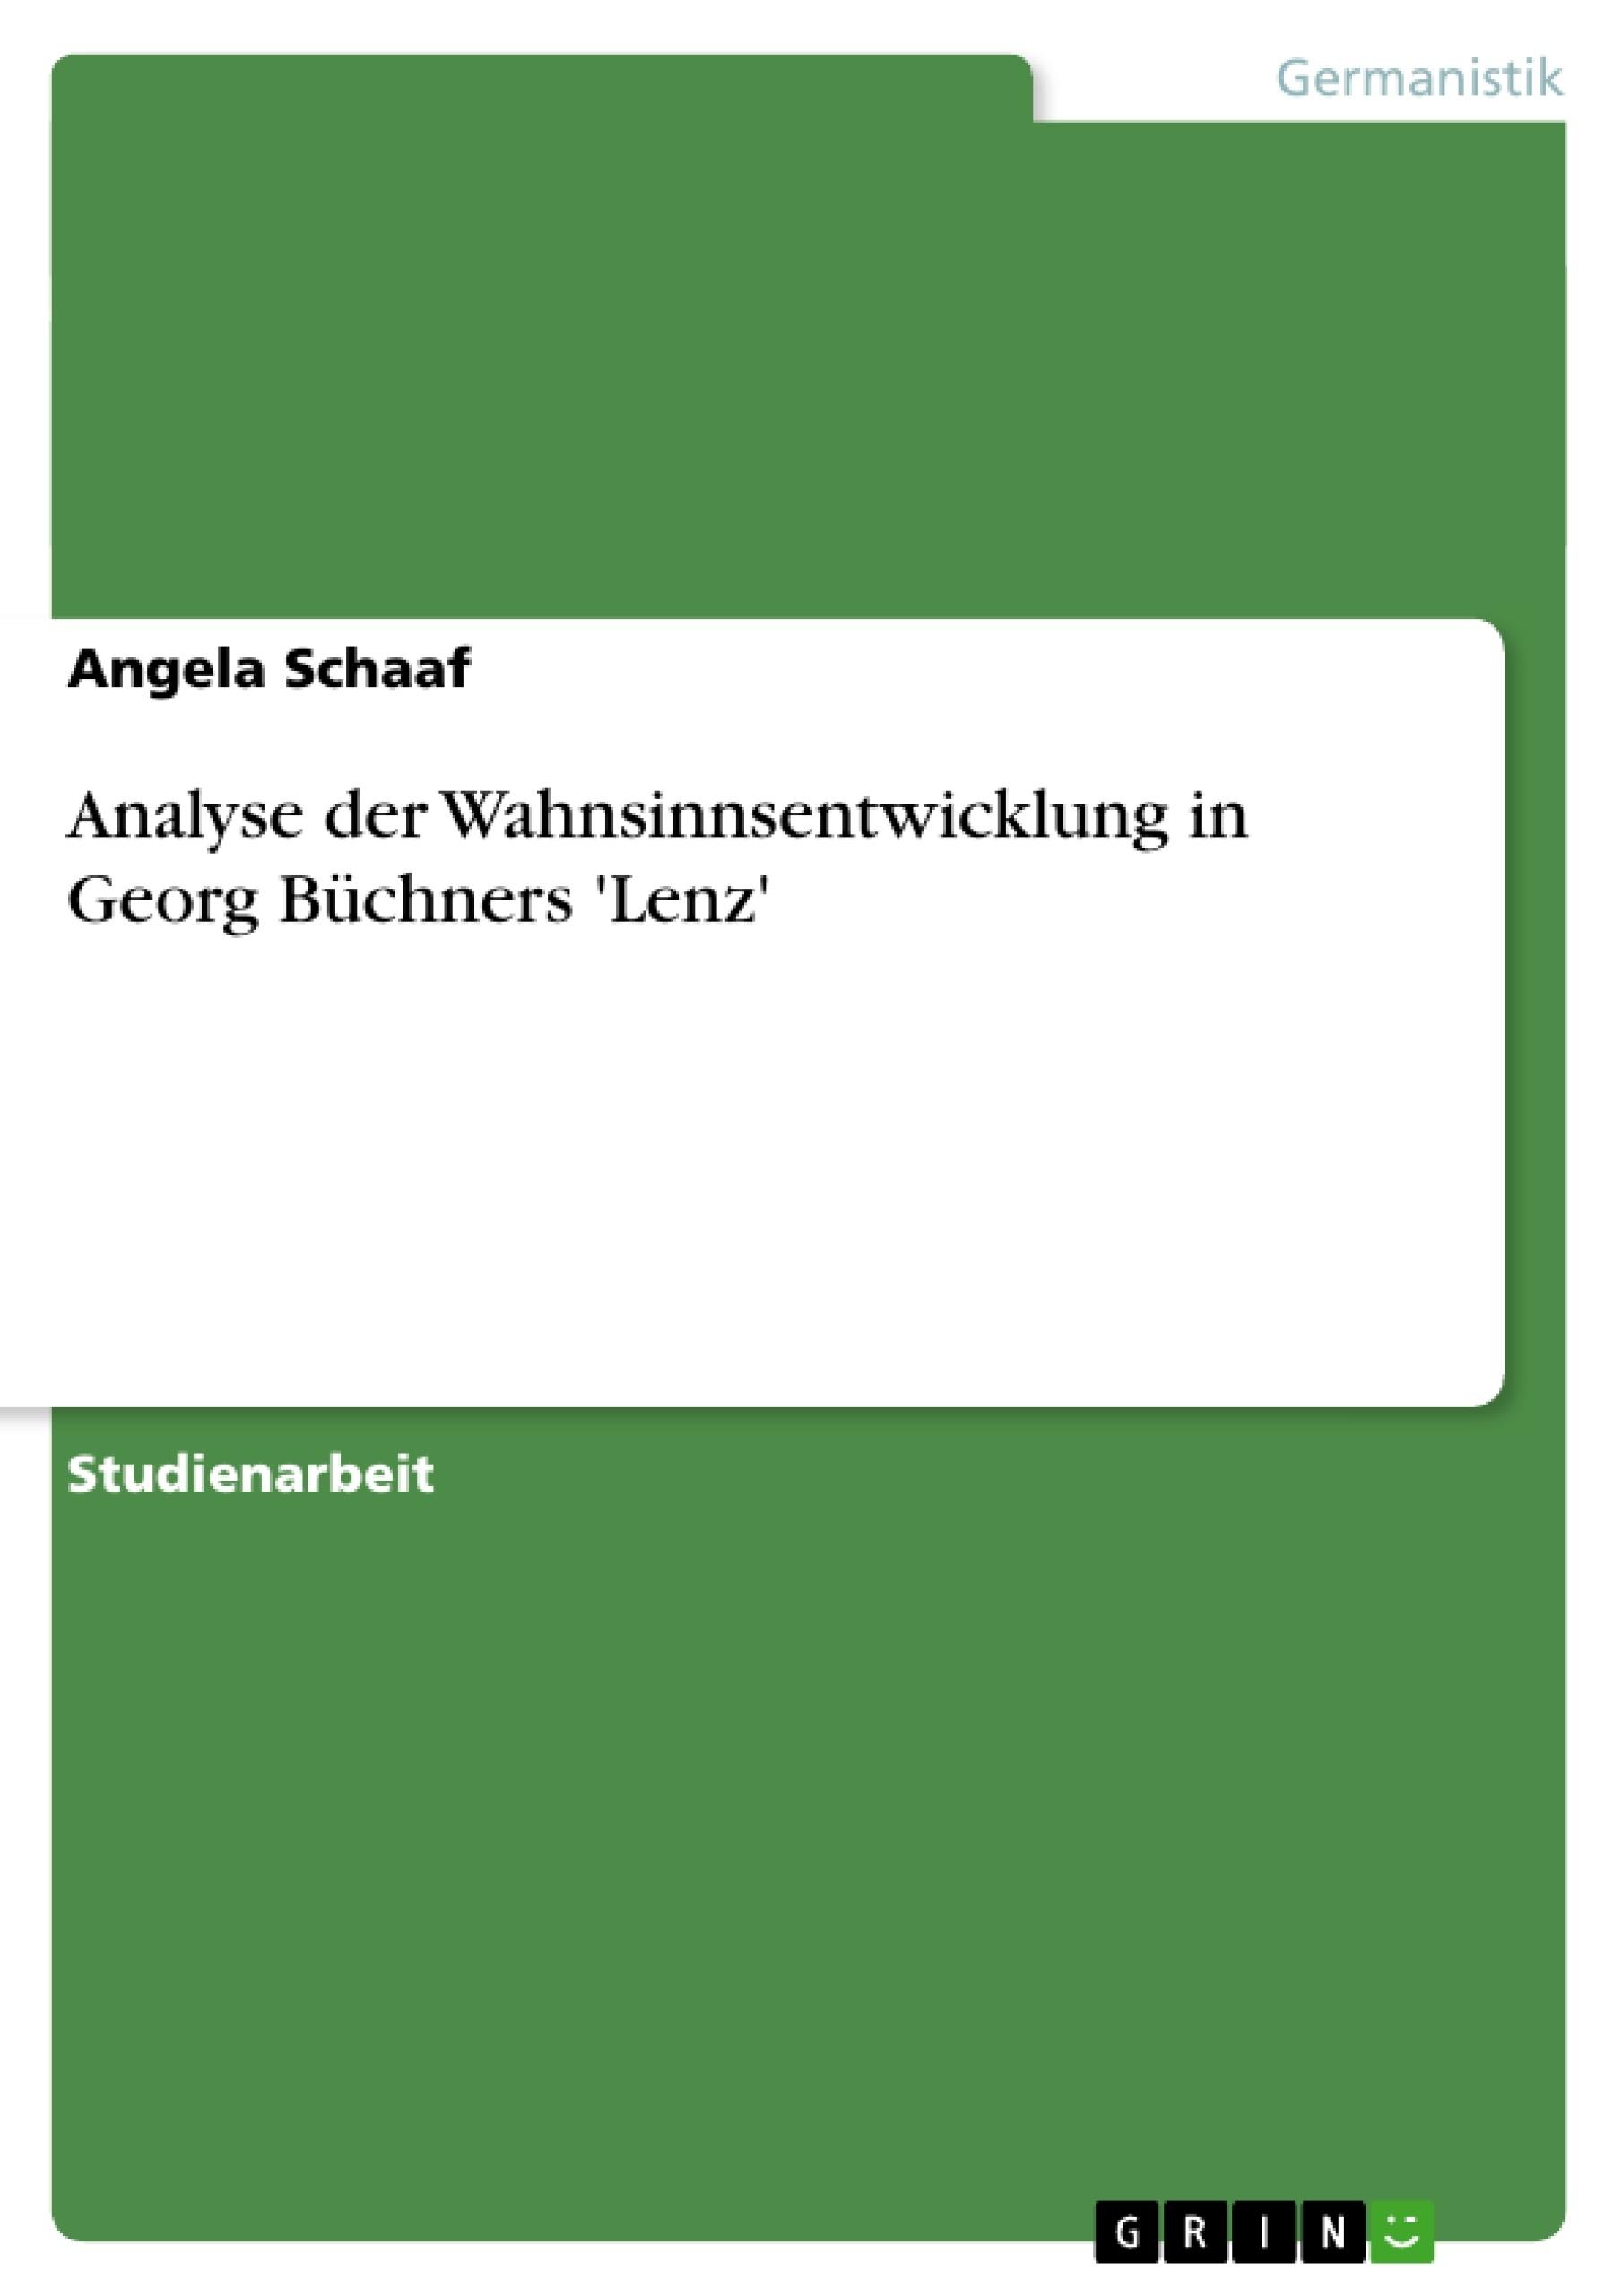 Titel: Analyse der Wahnsinnsentwicklung in Georg Büchners 'Lenz'